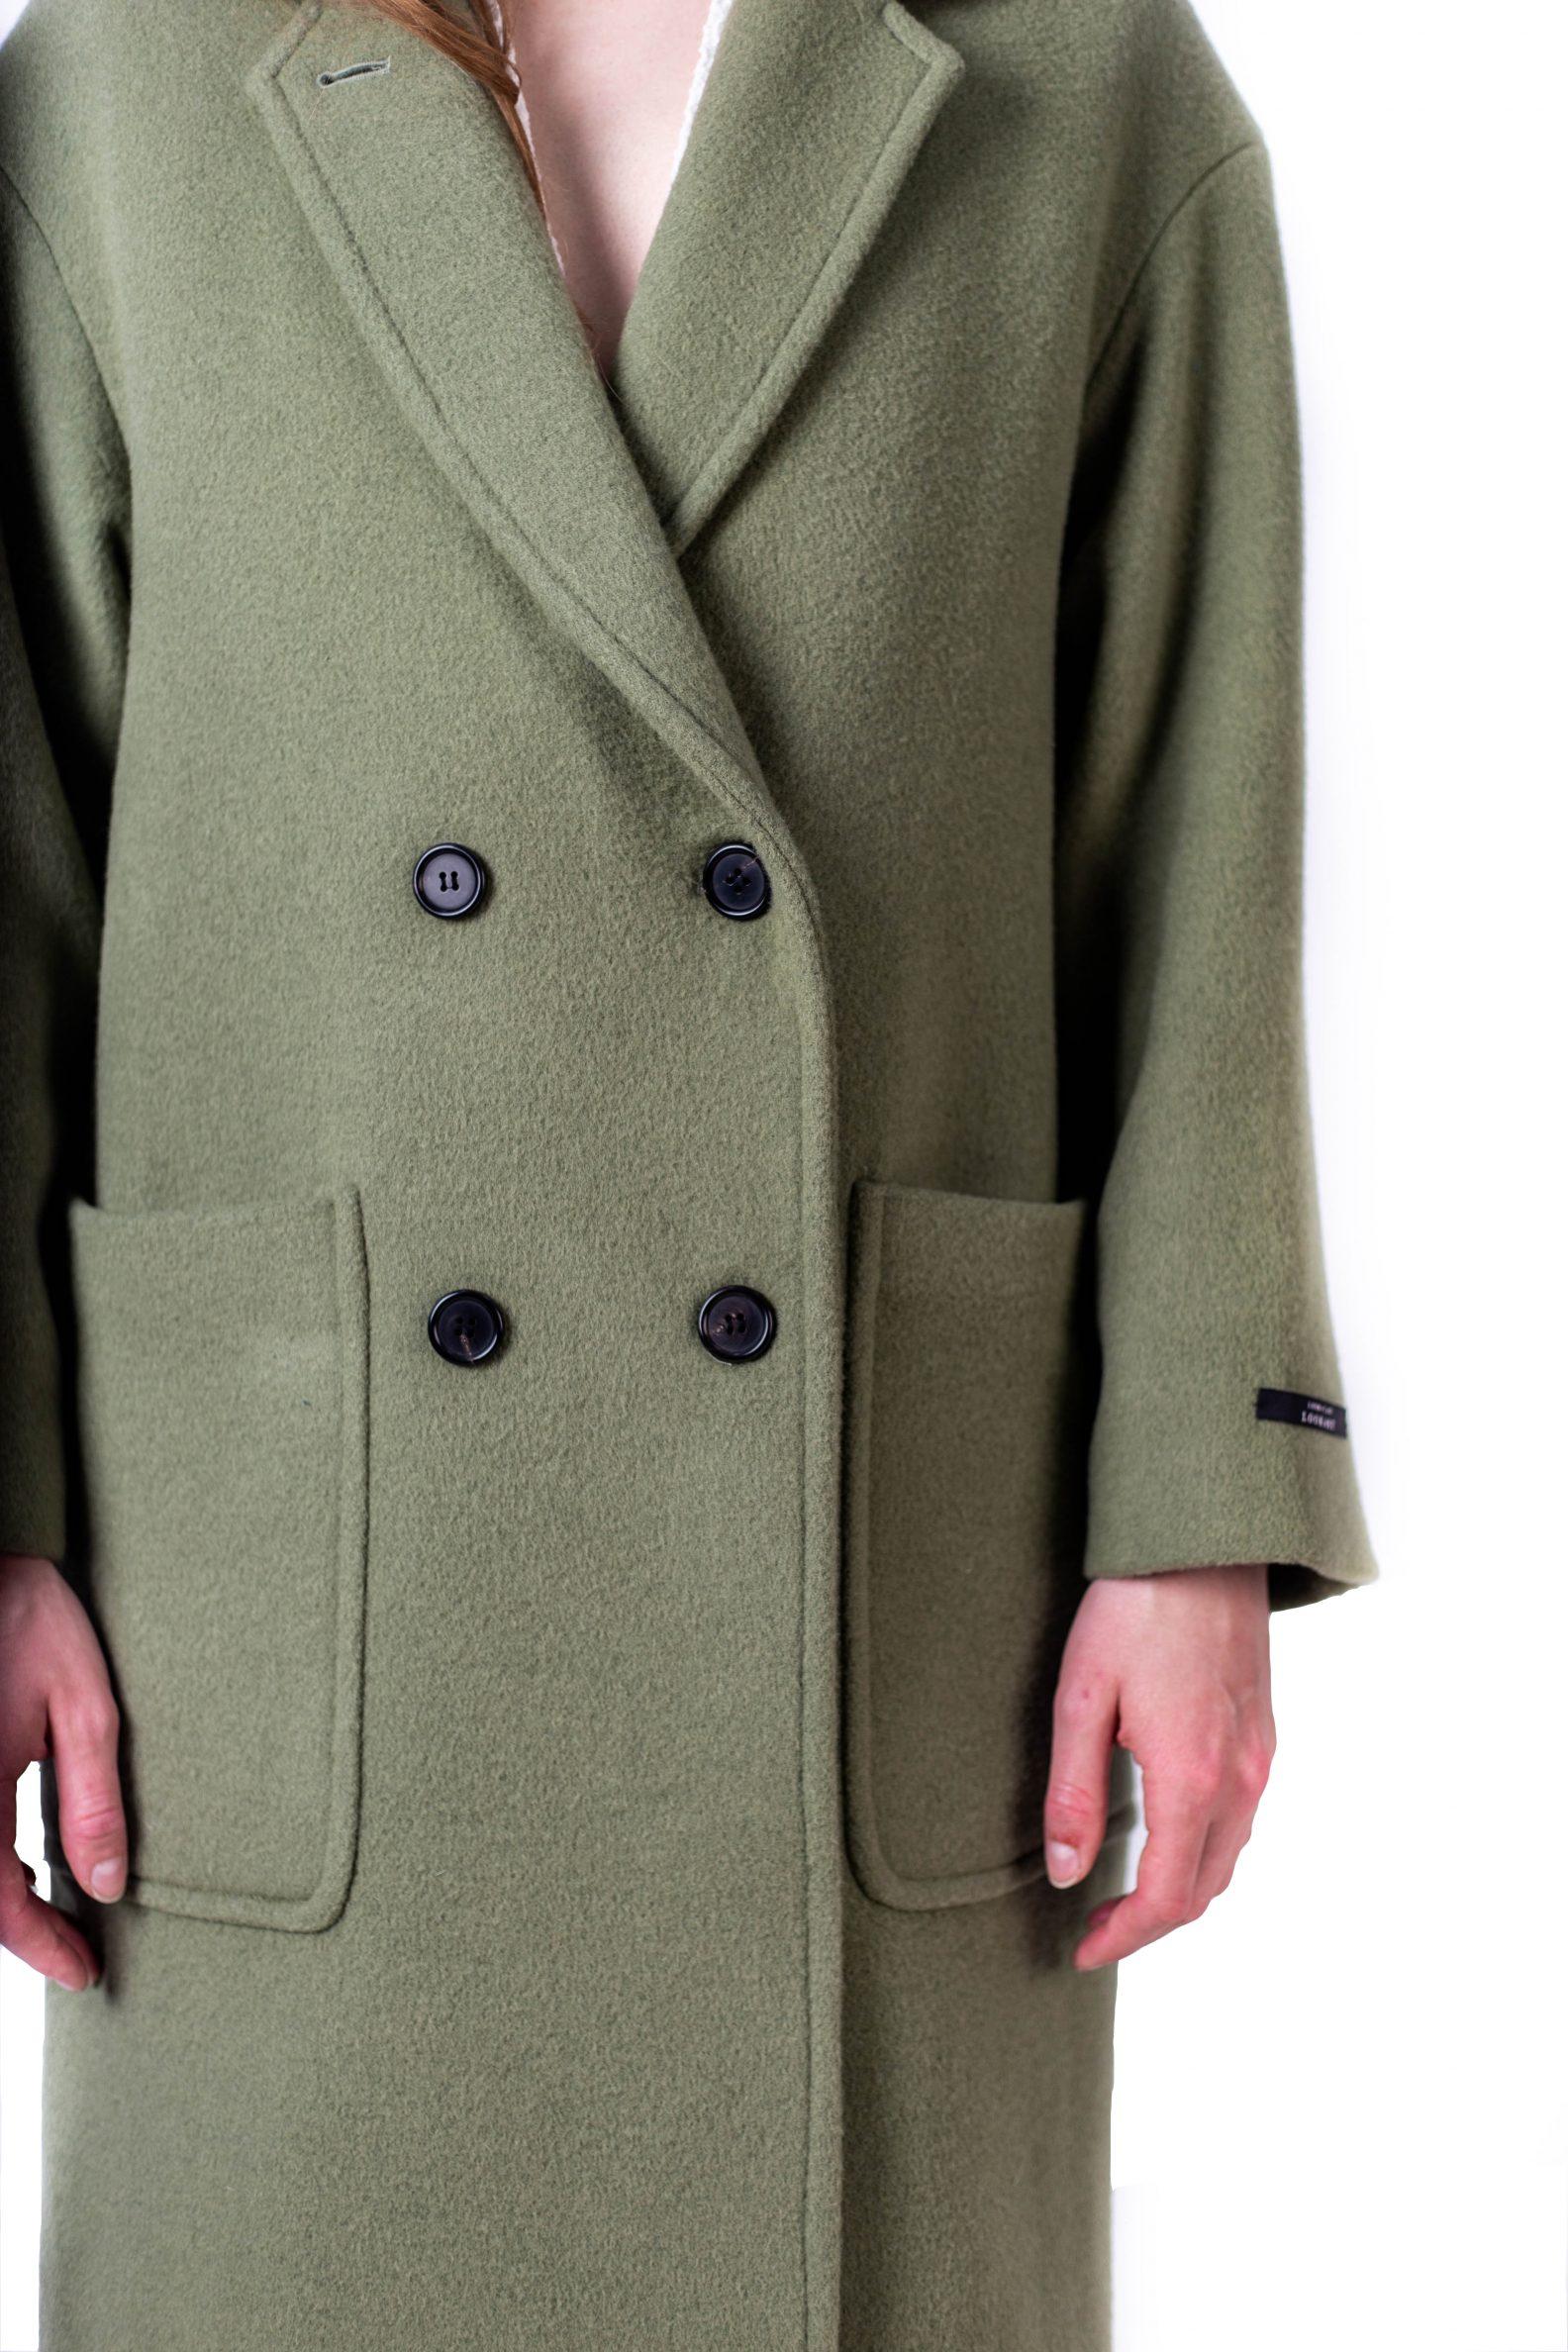 4-manteau-croise-oversize-laine-affaires-etrangeres-paris-mode-coreenne-besides-kimchi-lookast